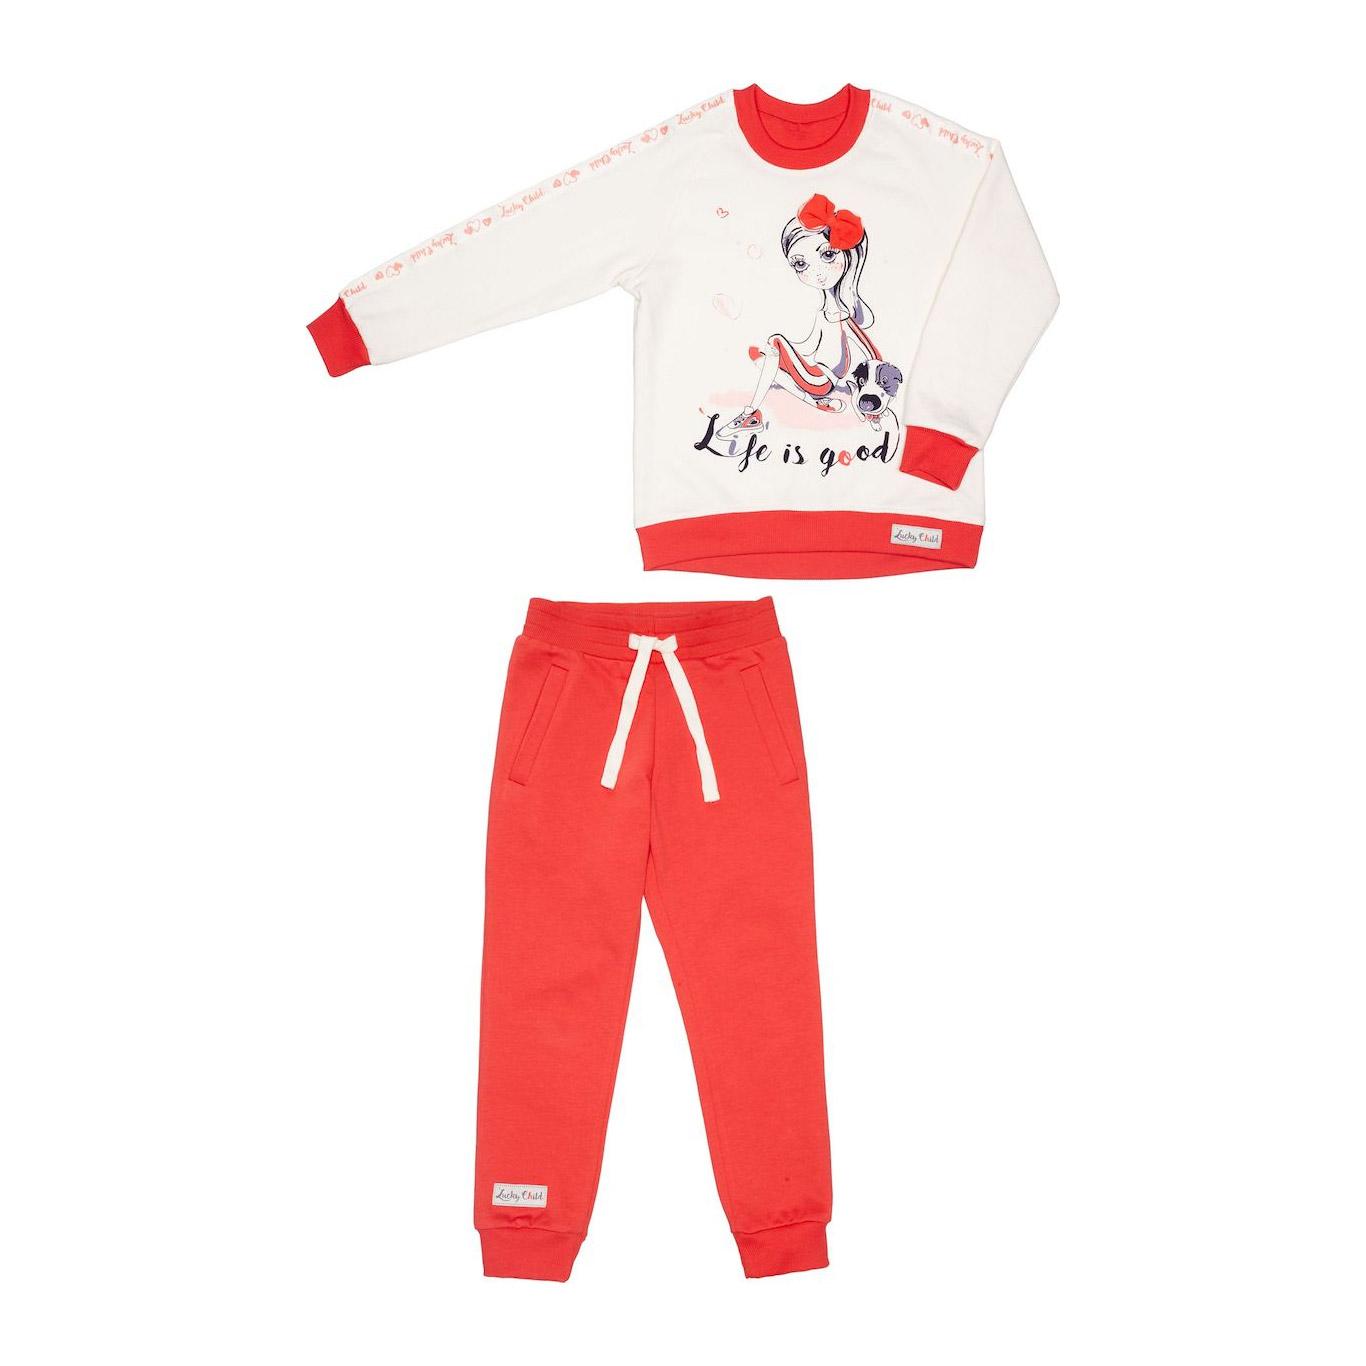 Фото - Спортивный костюм Lucky Child: толстовка и брюки коралл/молочный 122-128 спортивный костюм lucky child sport куртка и брюки 86 92